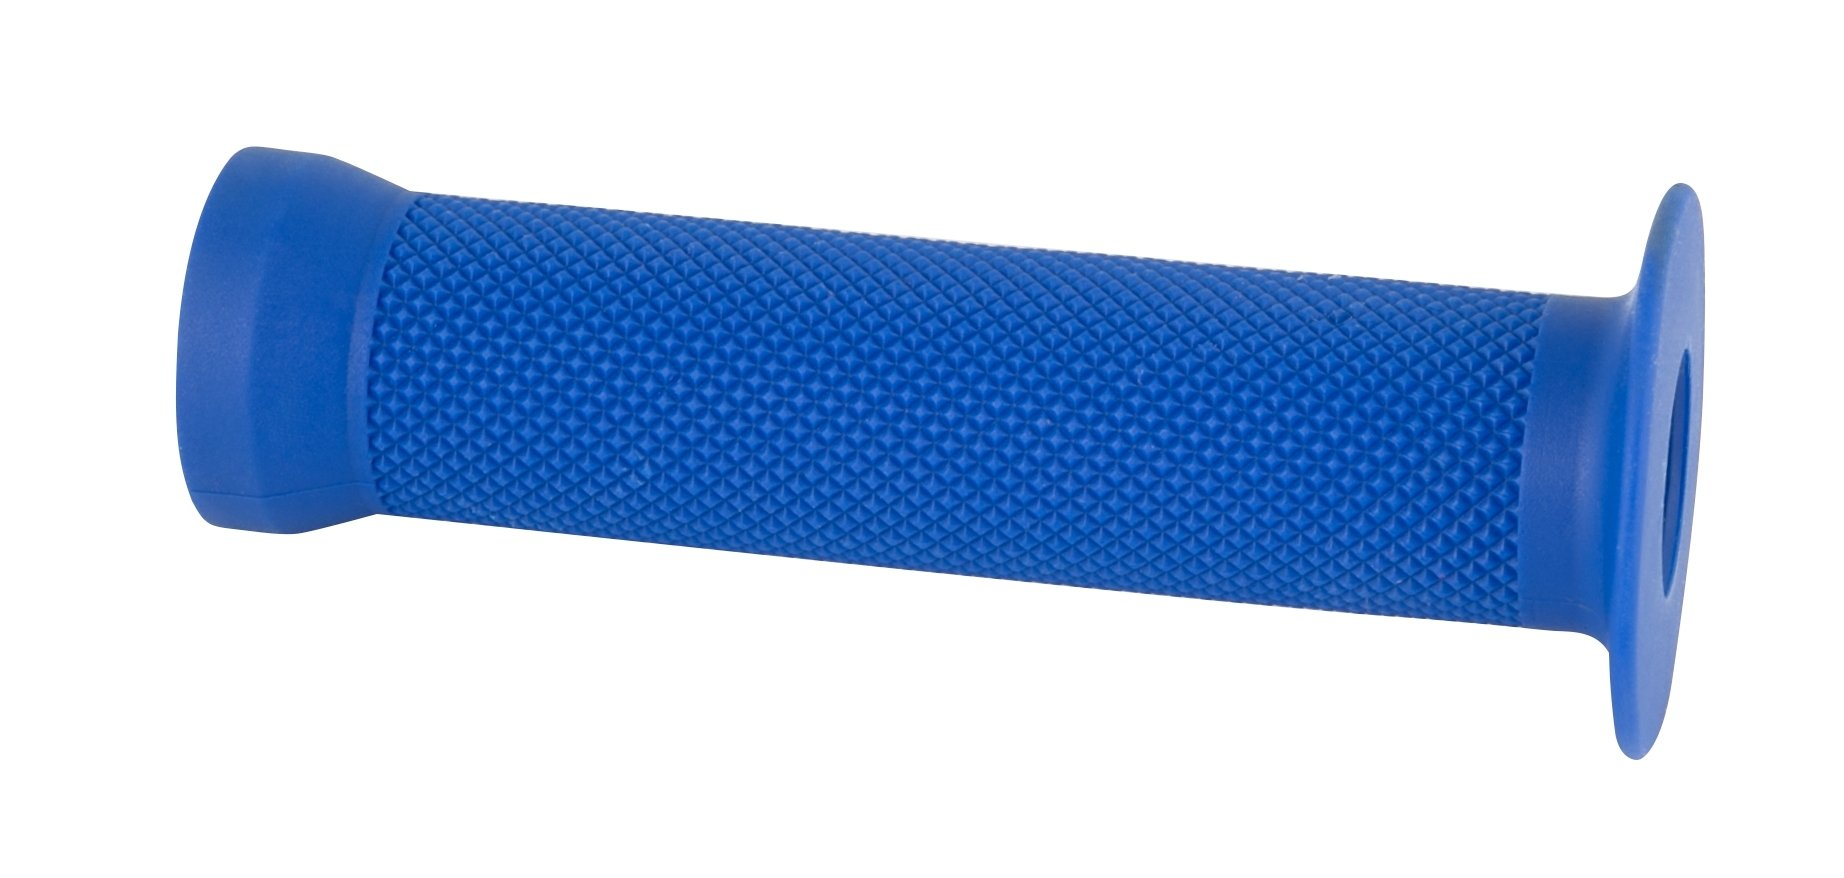 Force BMX Gummi Håndtag 130 mm Blå | Håndtag